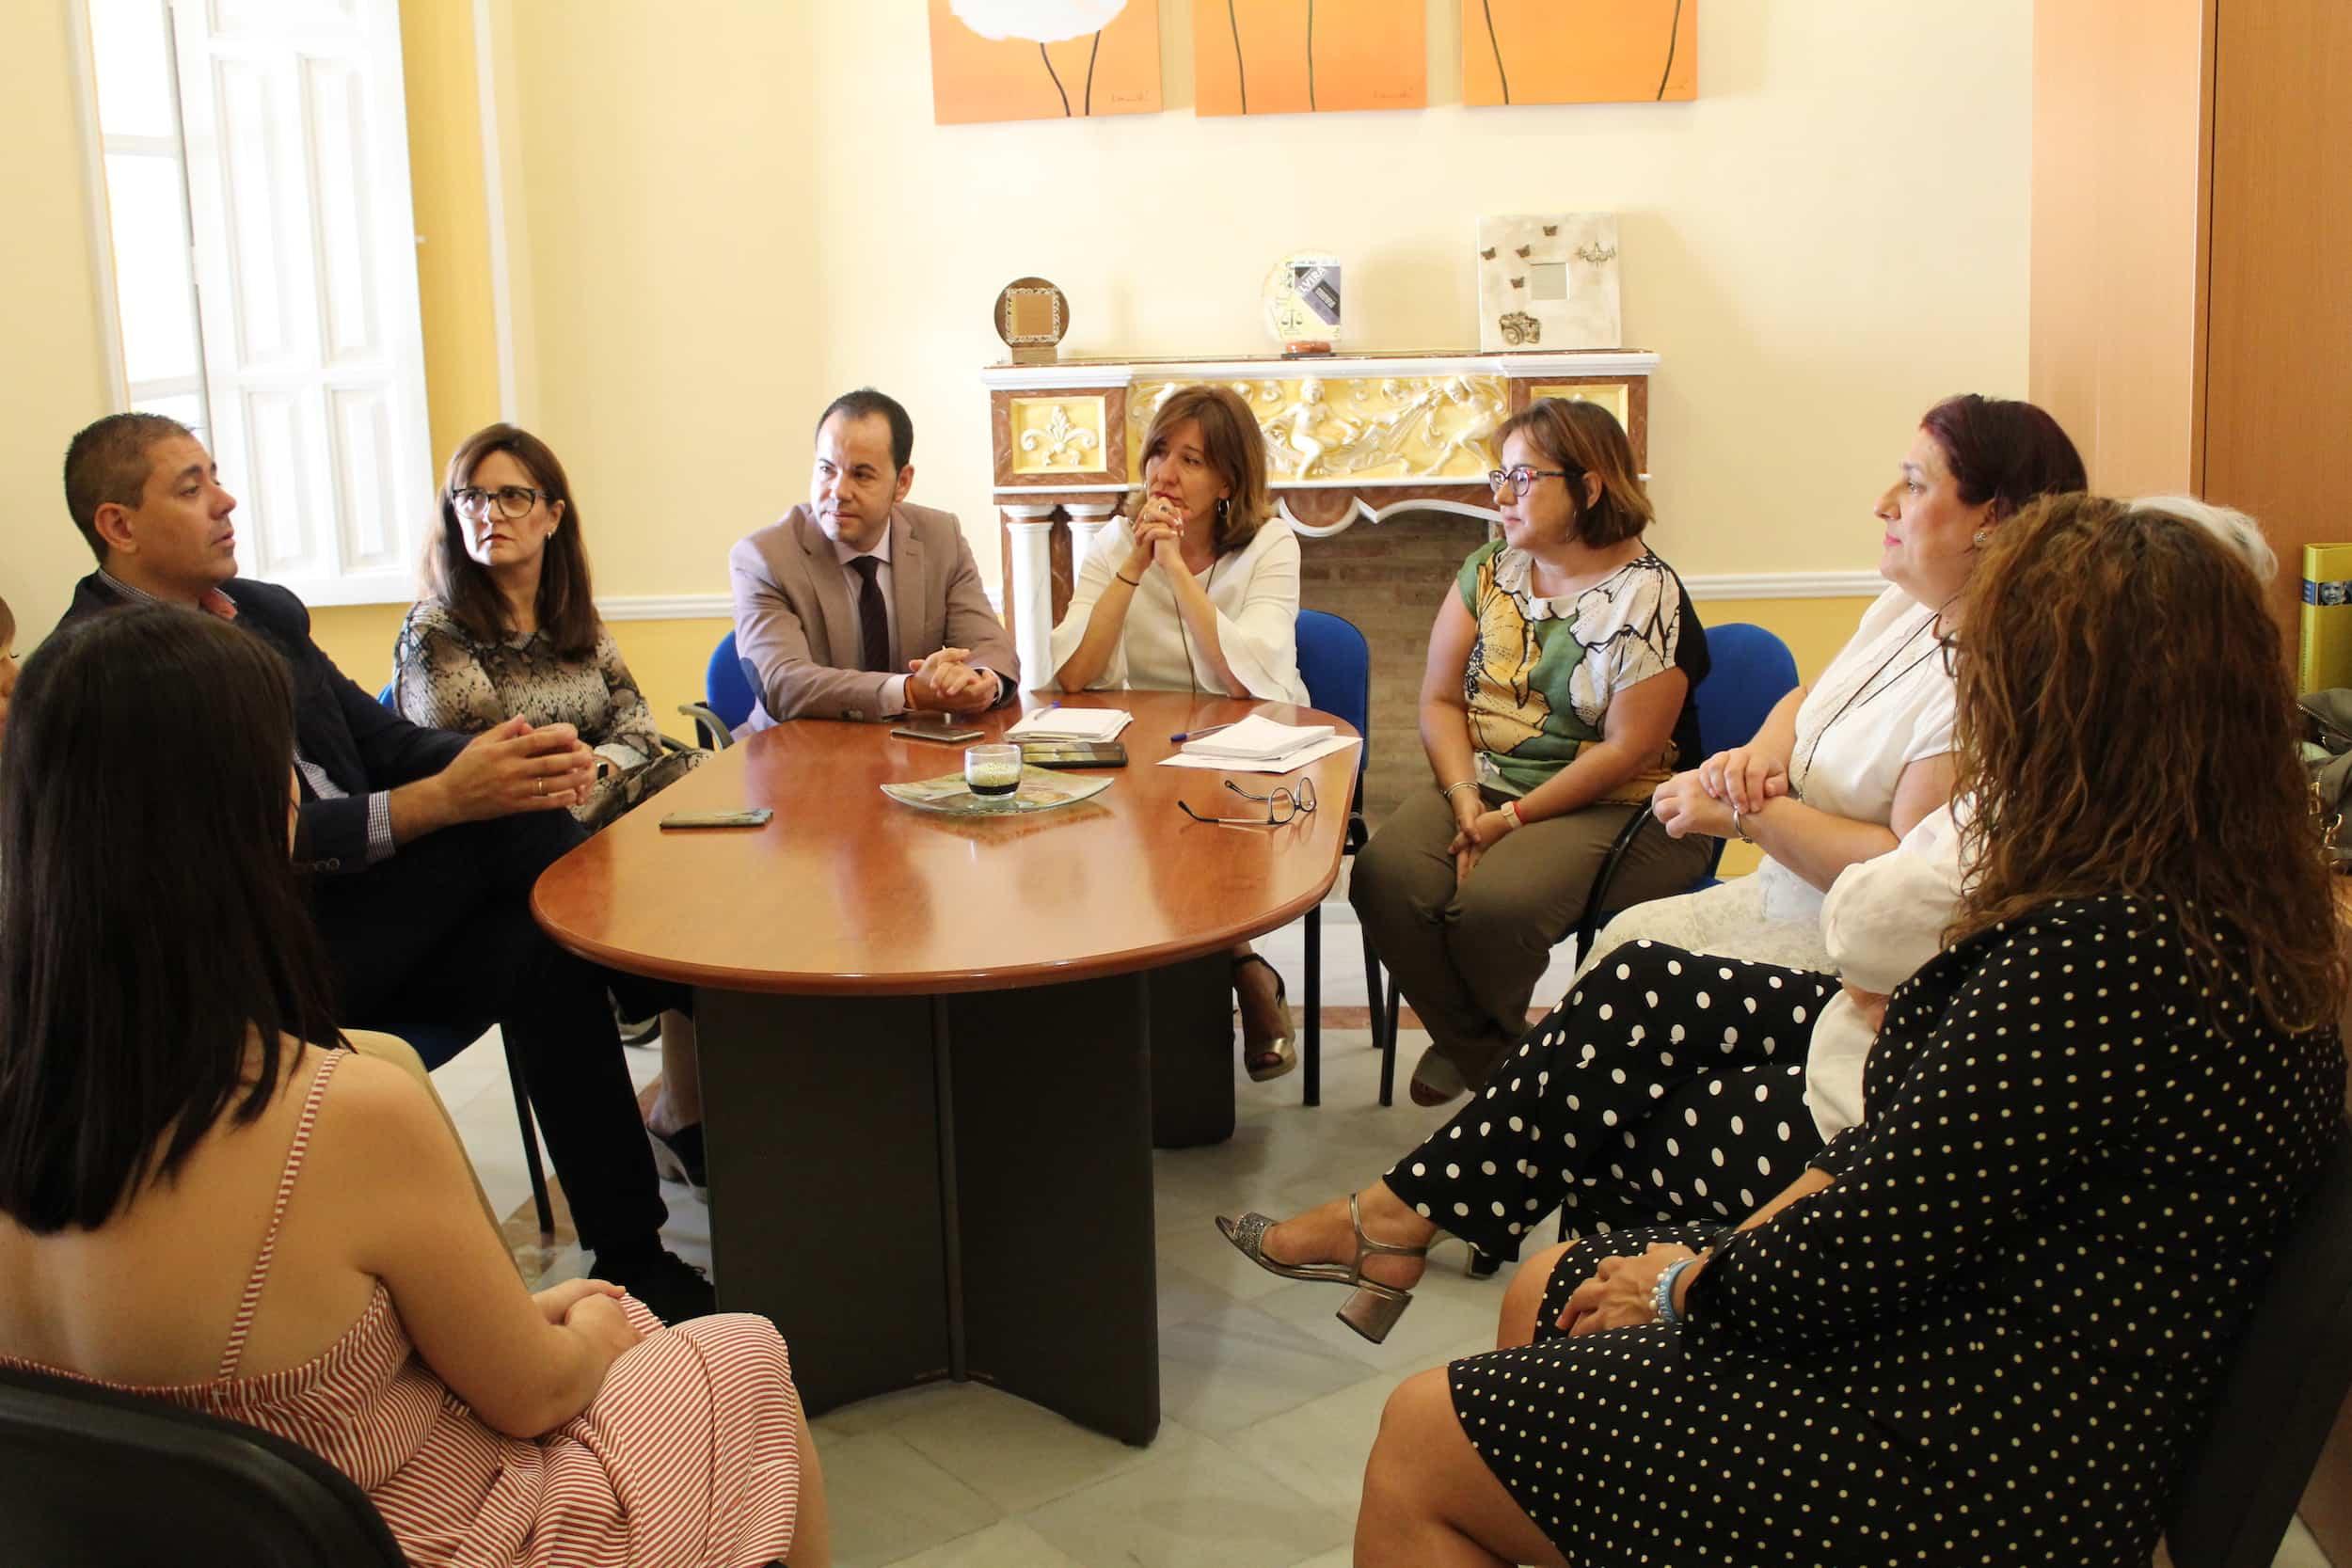 visita consejera igualda blanca a herencia 3 - La consejera de Igualdad y portavoz ha visitado Herencia (Ciudad Real)